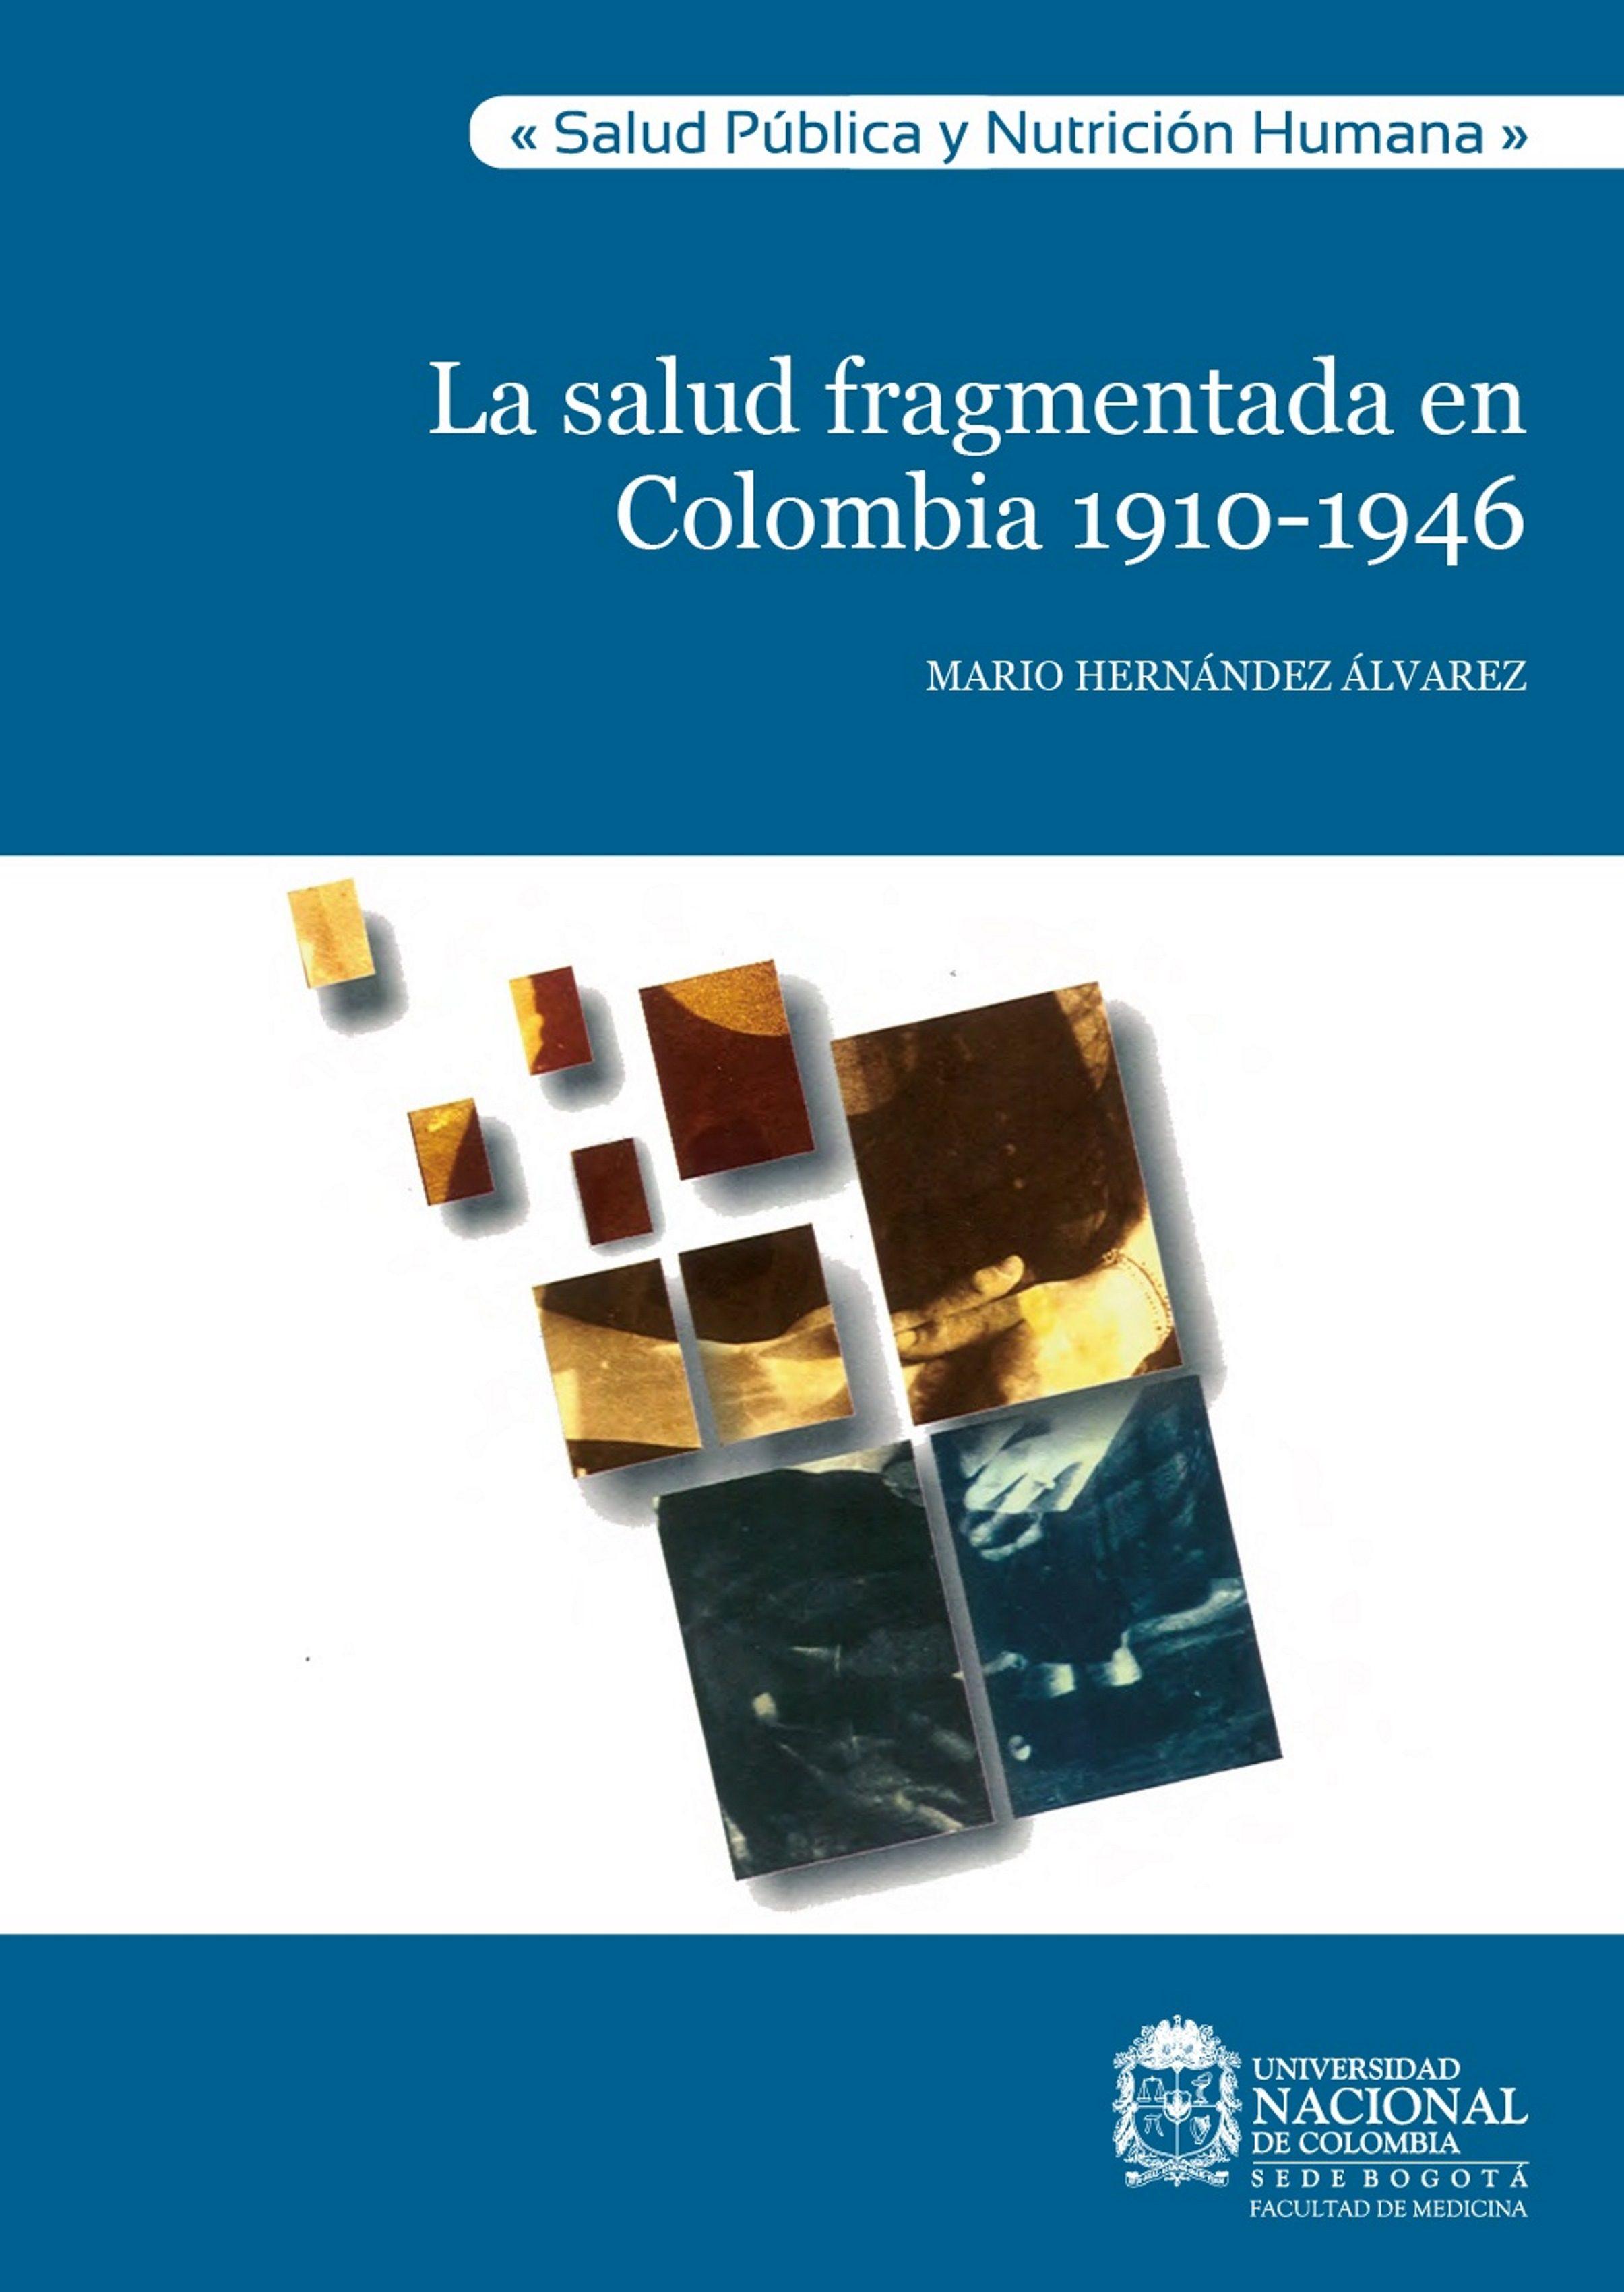 La salud fragmentada en Colombia 1910-1946